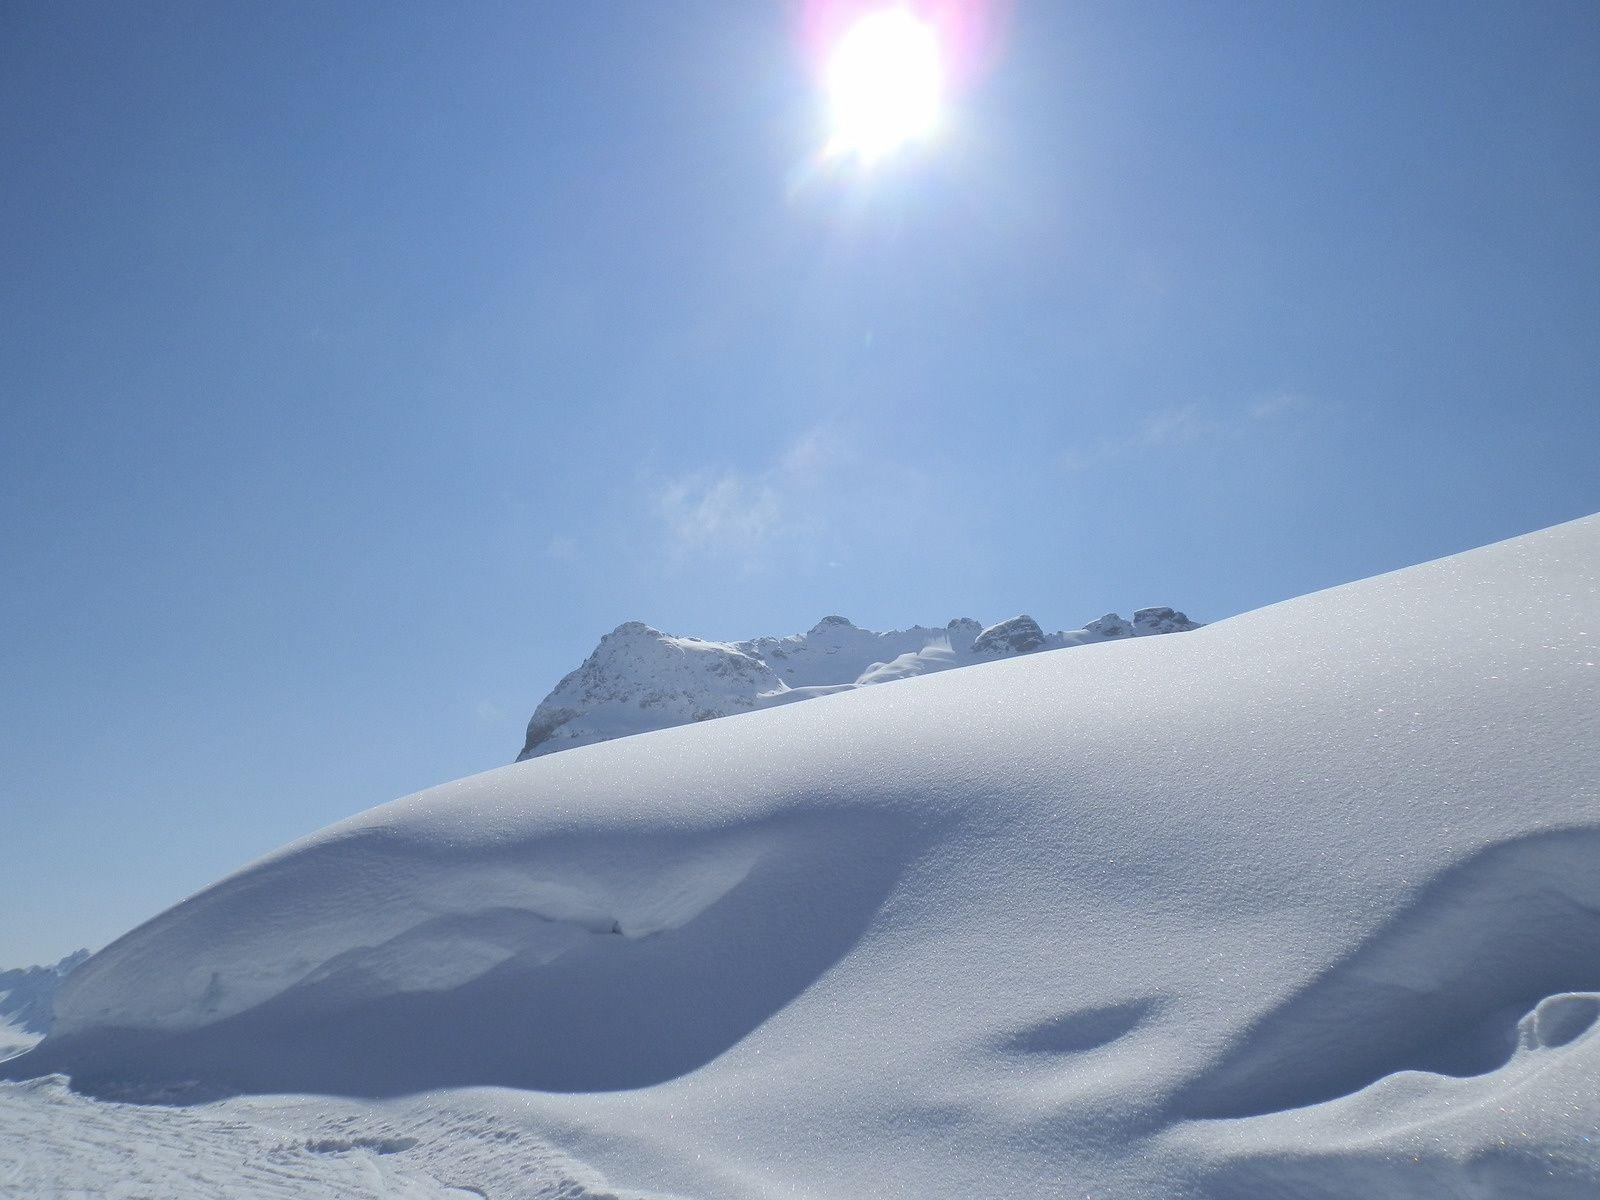 Pistes de ski : ça dévale, ça emballe et ça s'étale